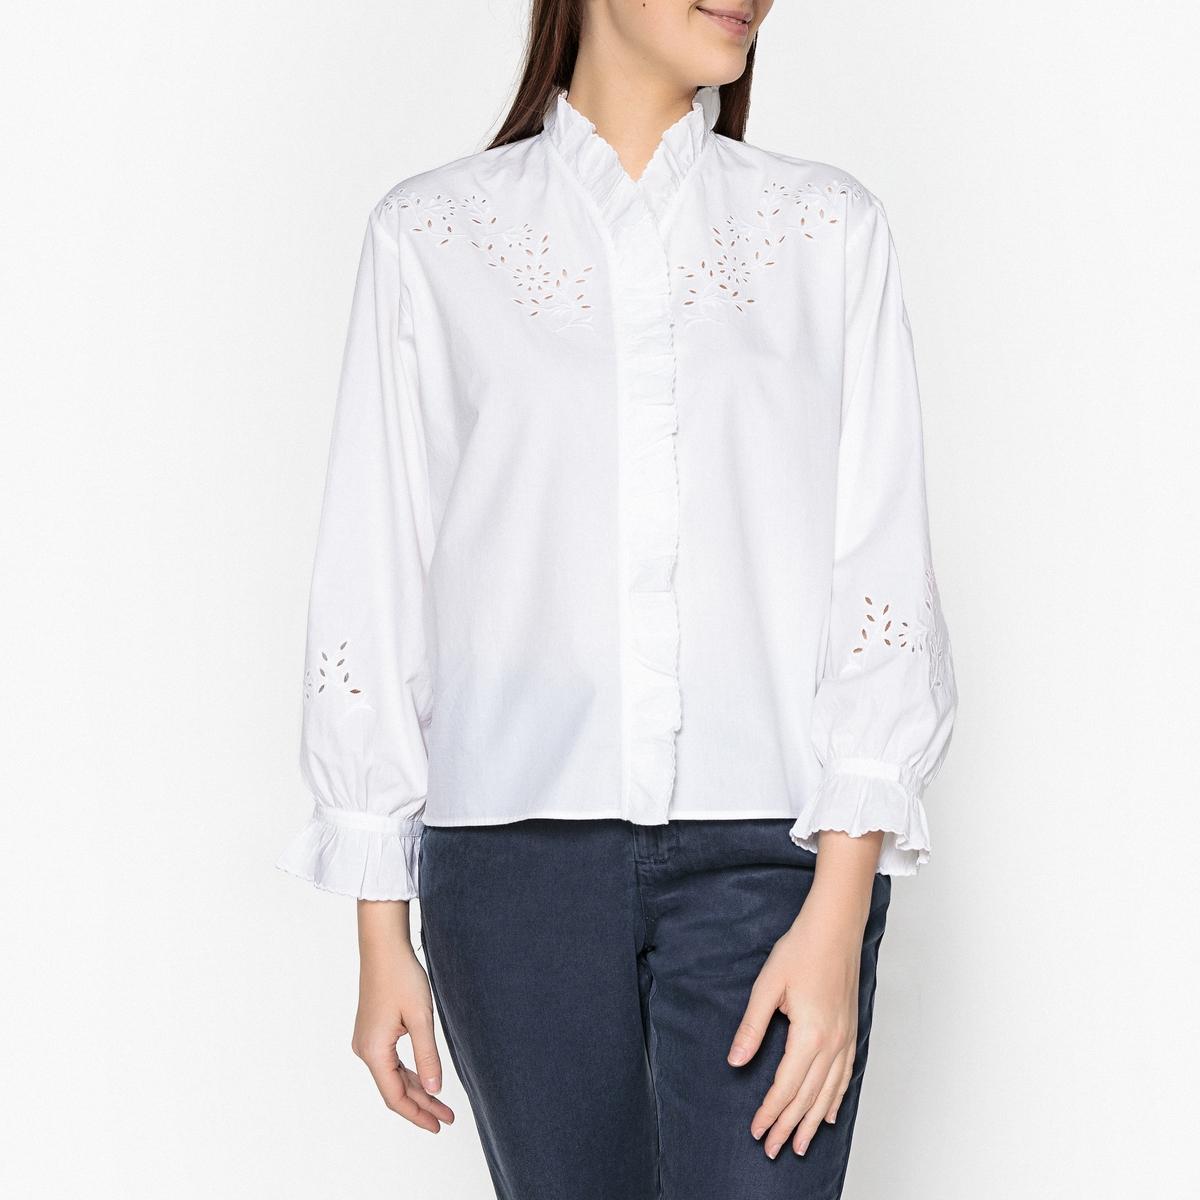 Рубашка с английской вышивкой и воланами DAISY msgm топ с крупными воланами